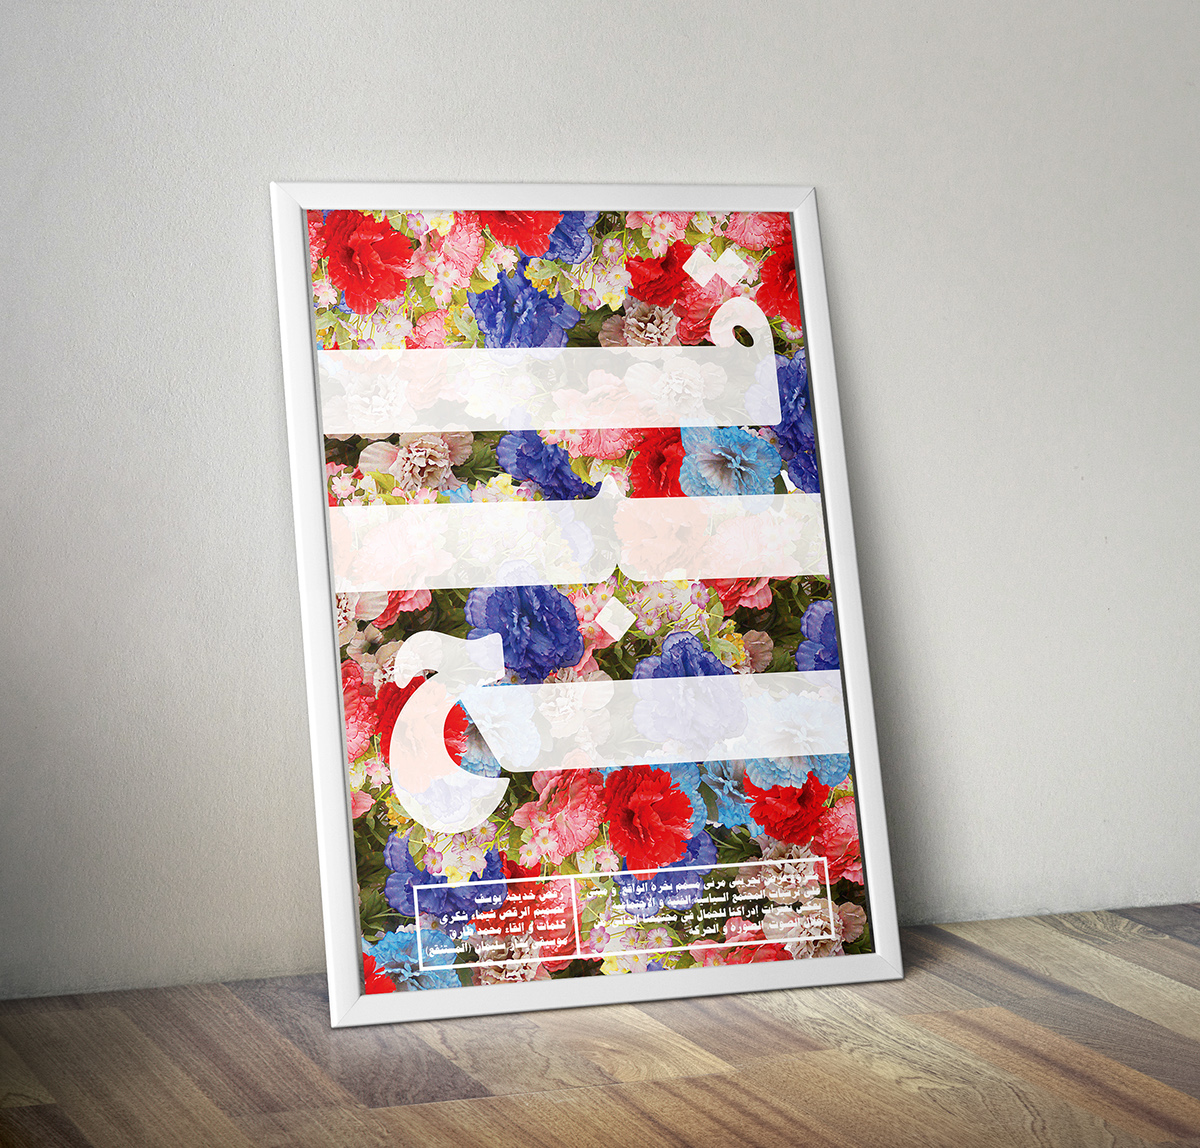 media installation guc Hammoud egypt PERFORMING poster design